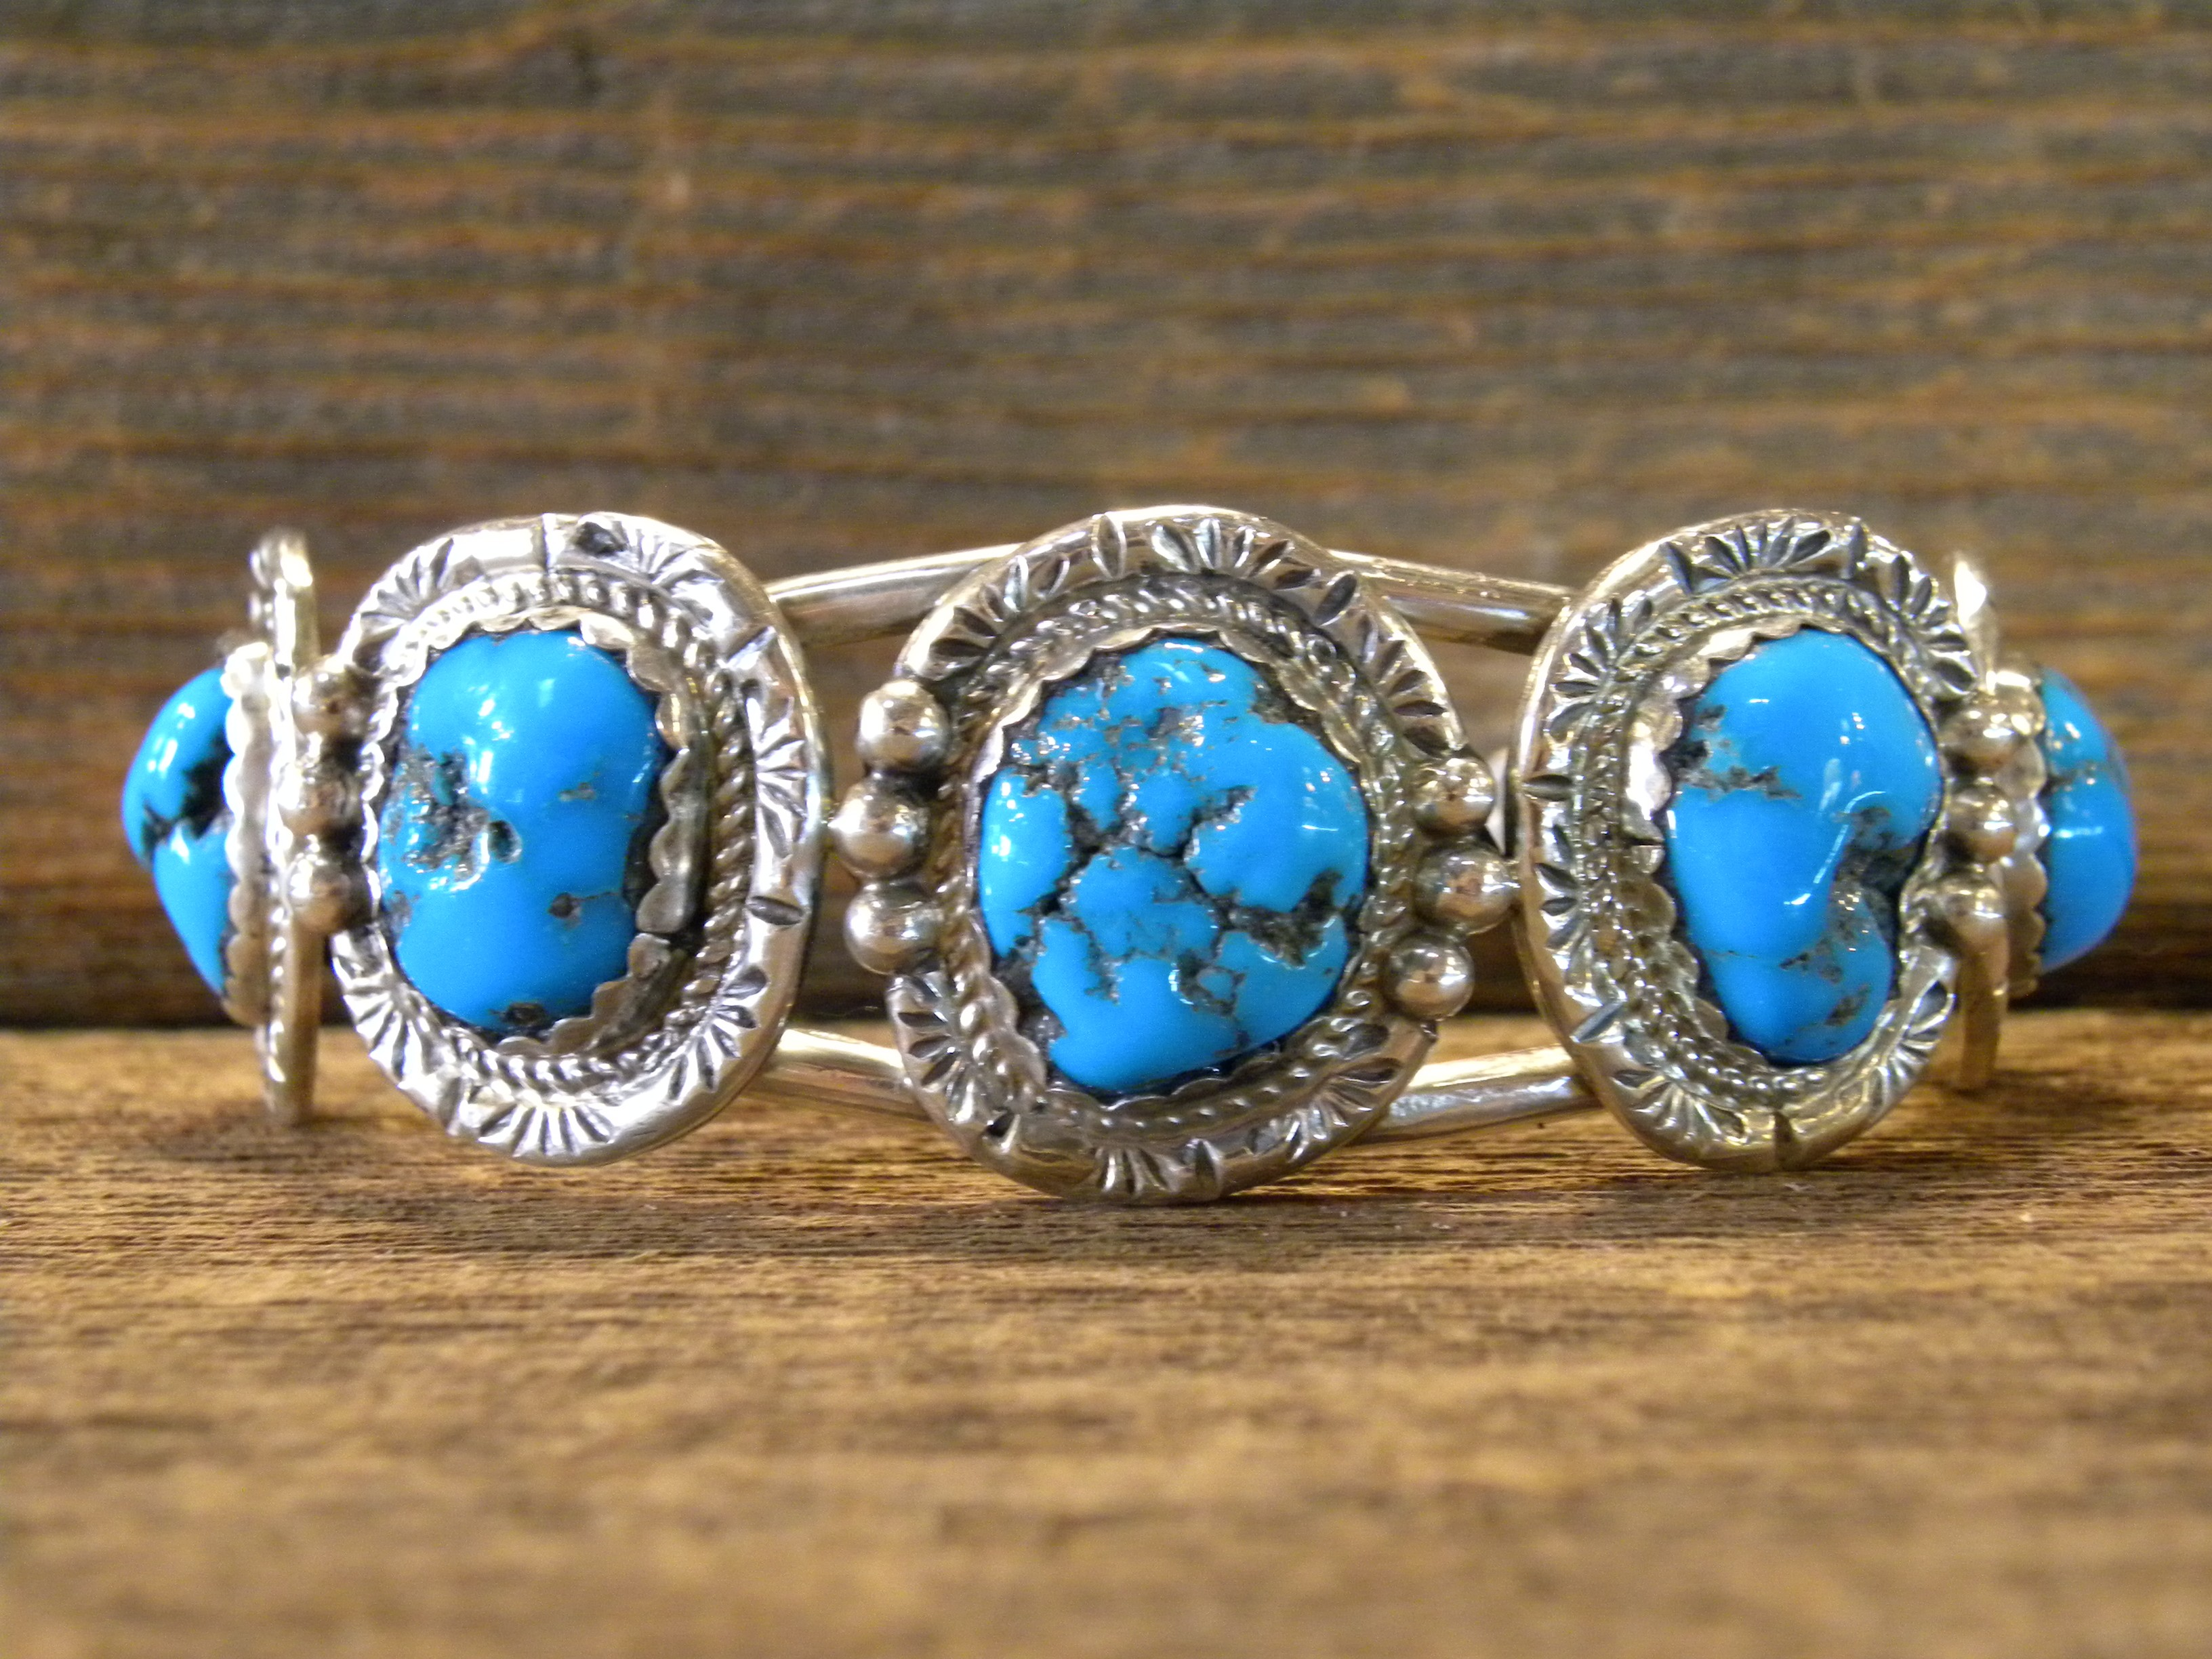 MLB4 Monroe & Lillie Ashley 5 stone Sleeping Beauty Turquoise Bracelet